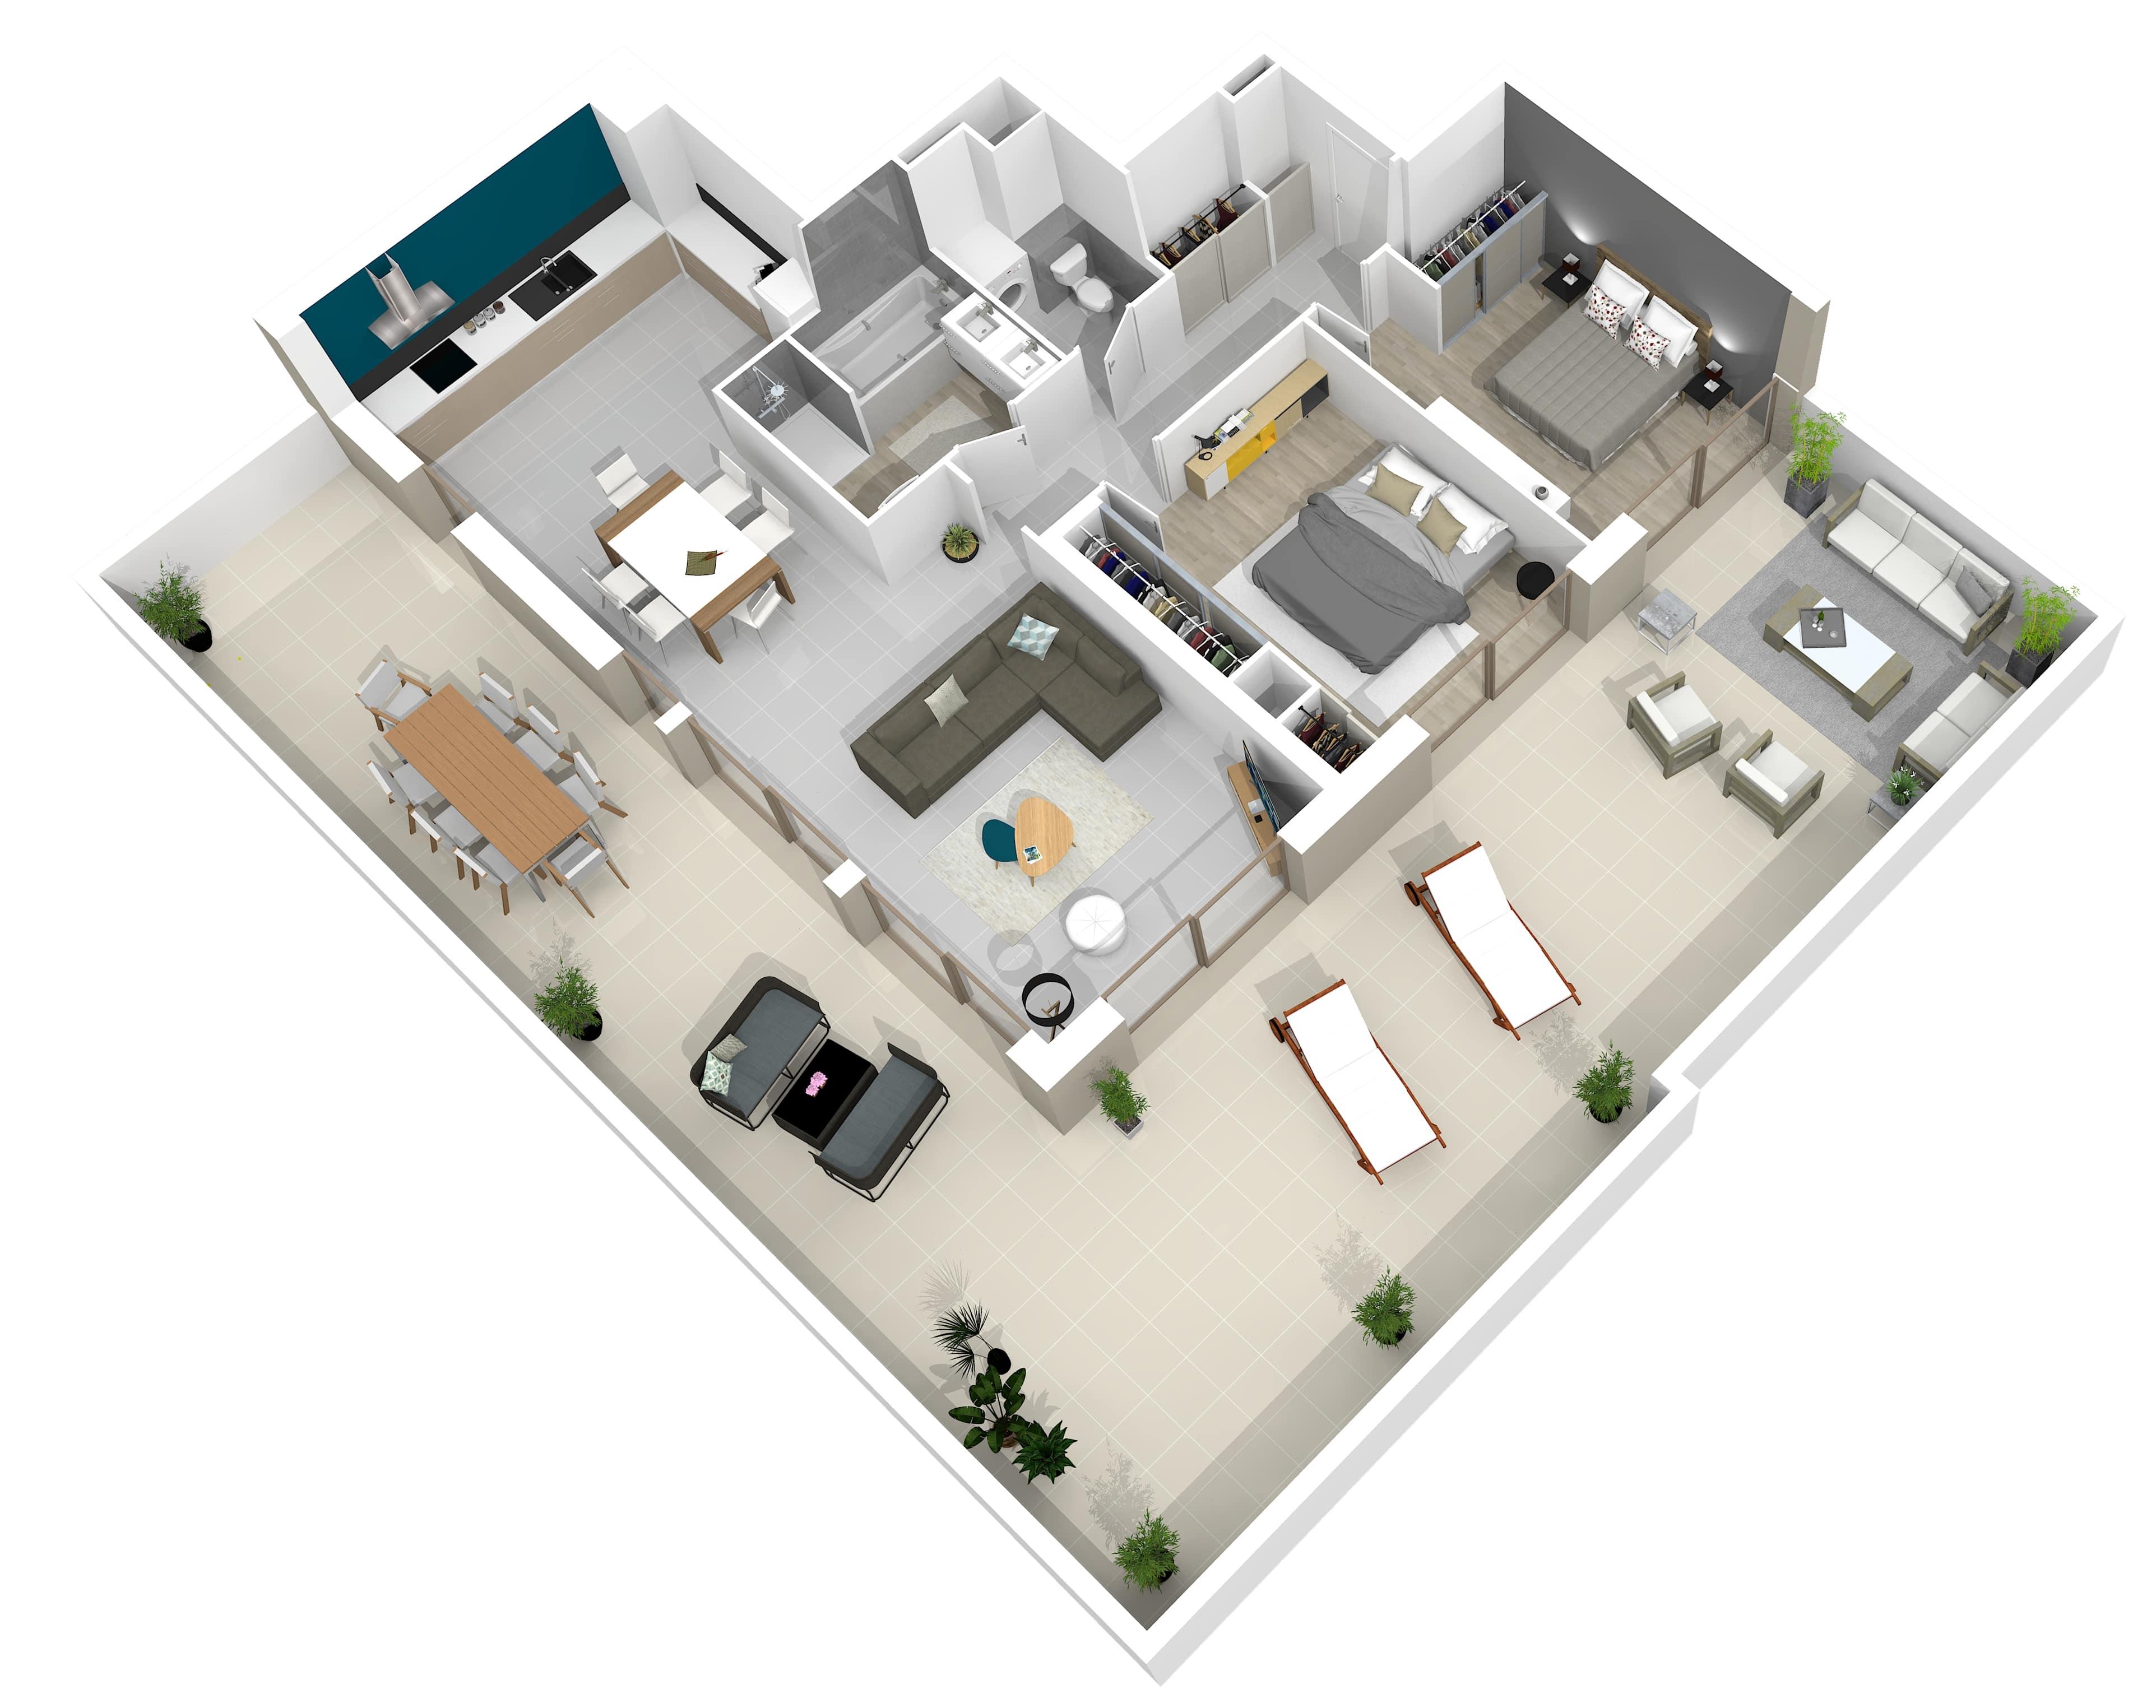 Le Perissode - programme immobilier à Cessy - pays de gex - proche genève